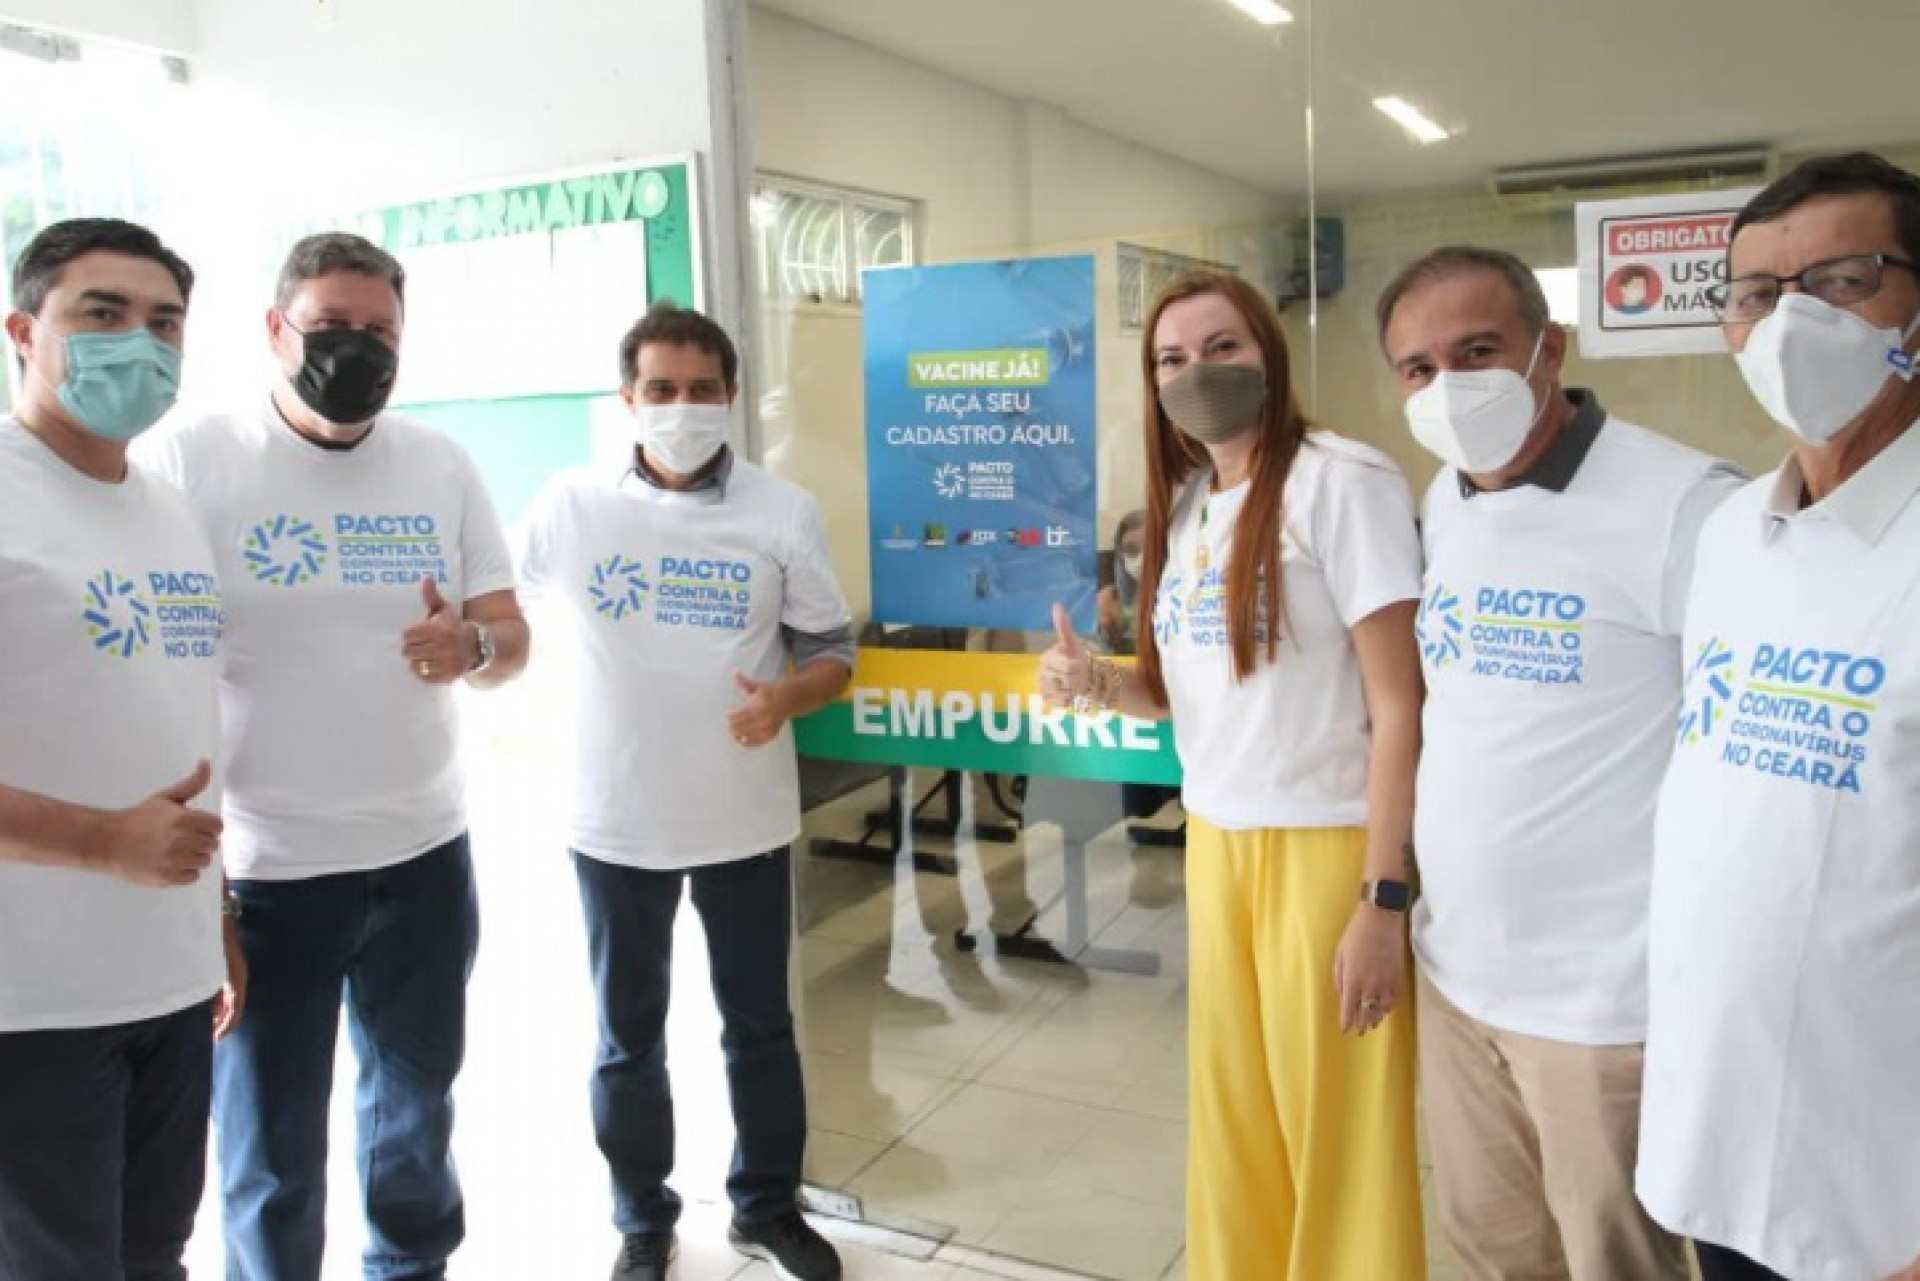 Pacto Contra o Coronavirus esteve nesta quarta-feira na Bacia Hidrográfica do Coreaú  (Foto: DIVULGAÇÃO)